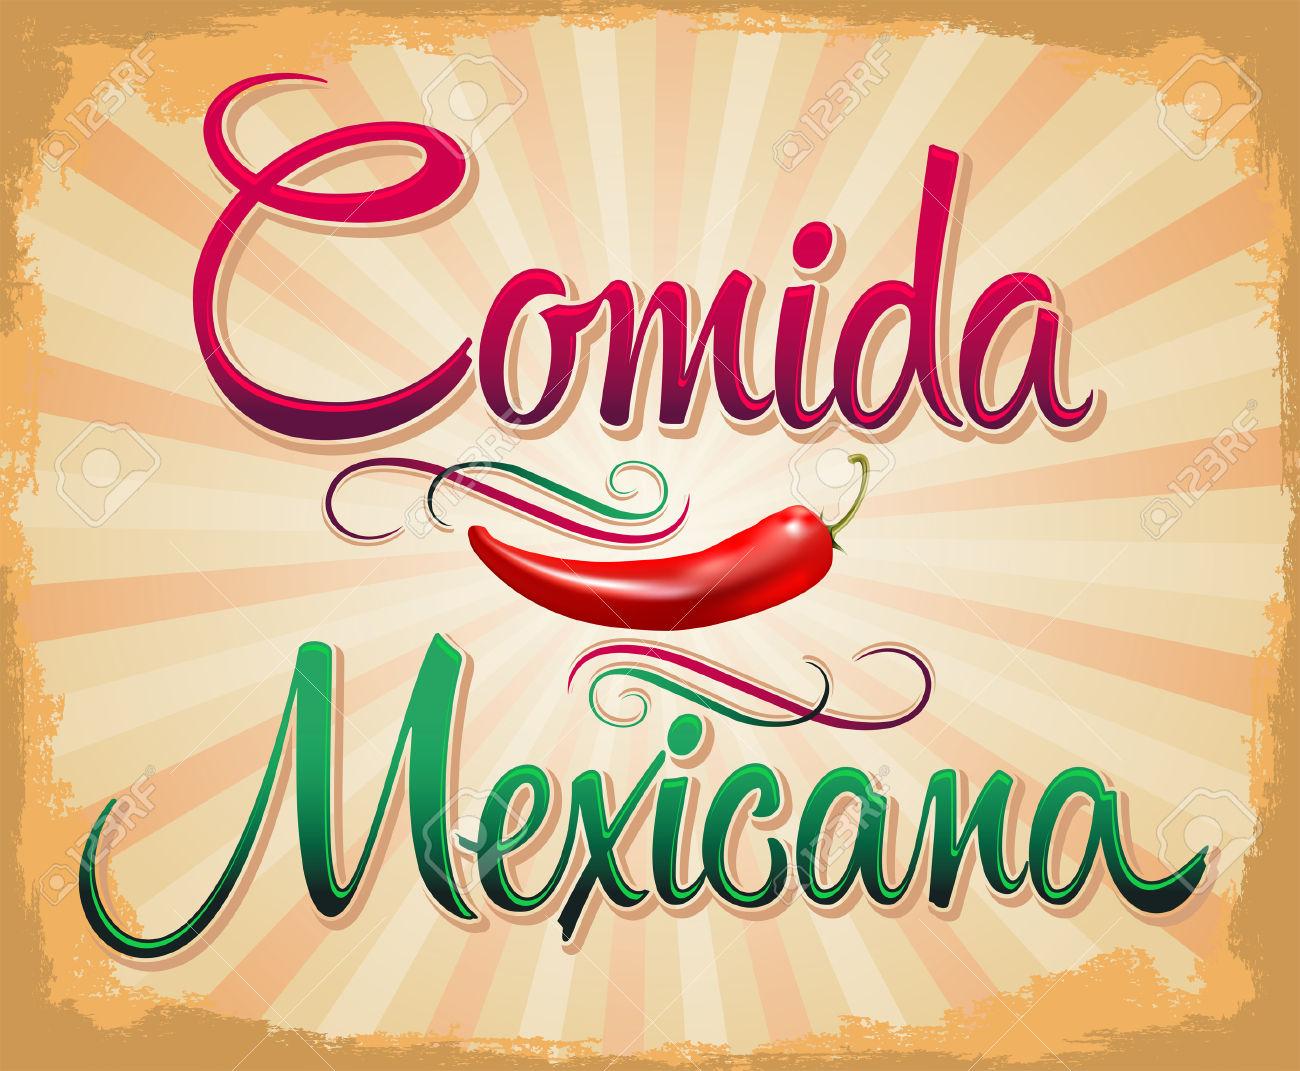 La cocina mexicana en 10 sabrosos platos  TAFI TRAVEL Agencia de Viajes y Turismo Tucumn